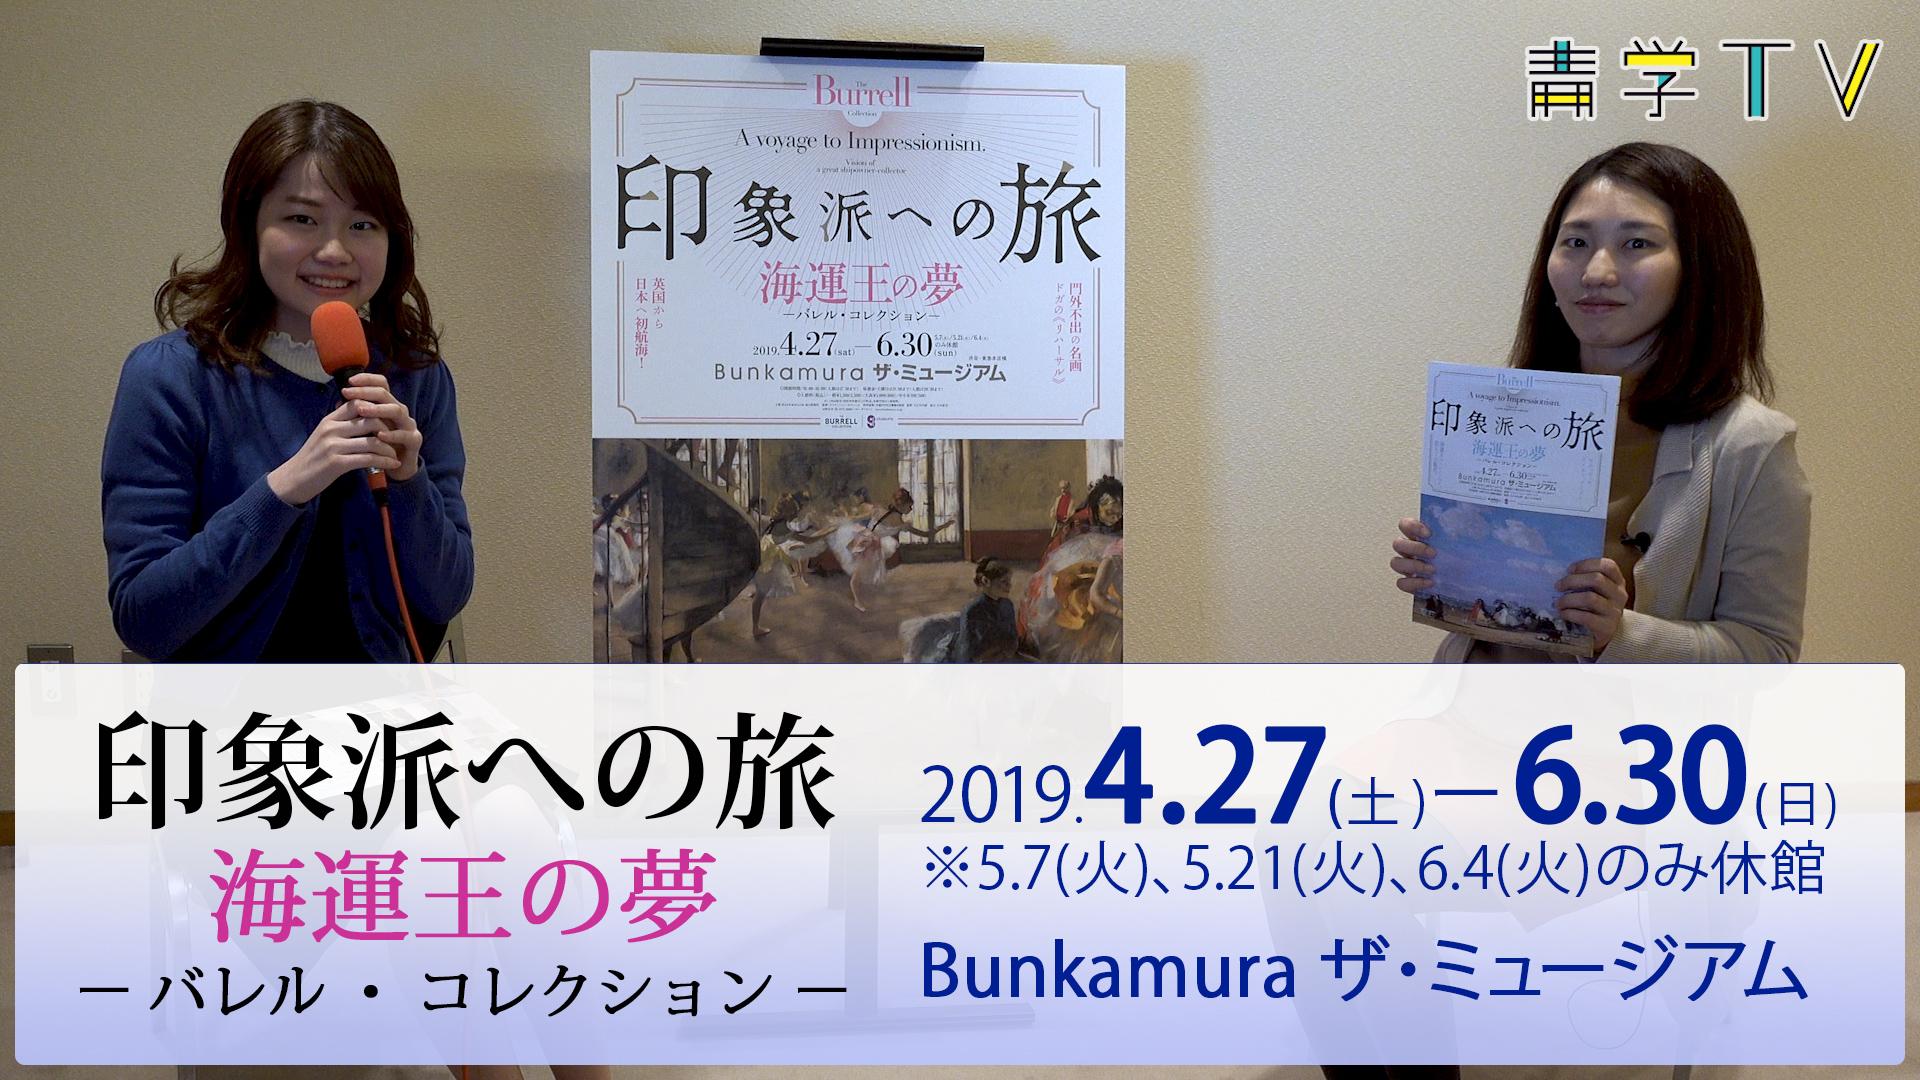 「印象派への旅 海運王の夢」4/27〜